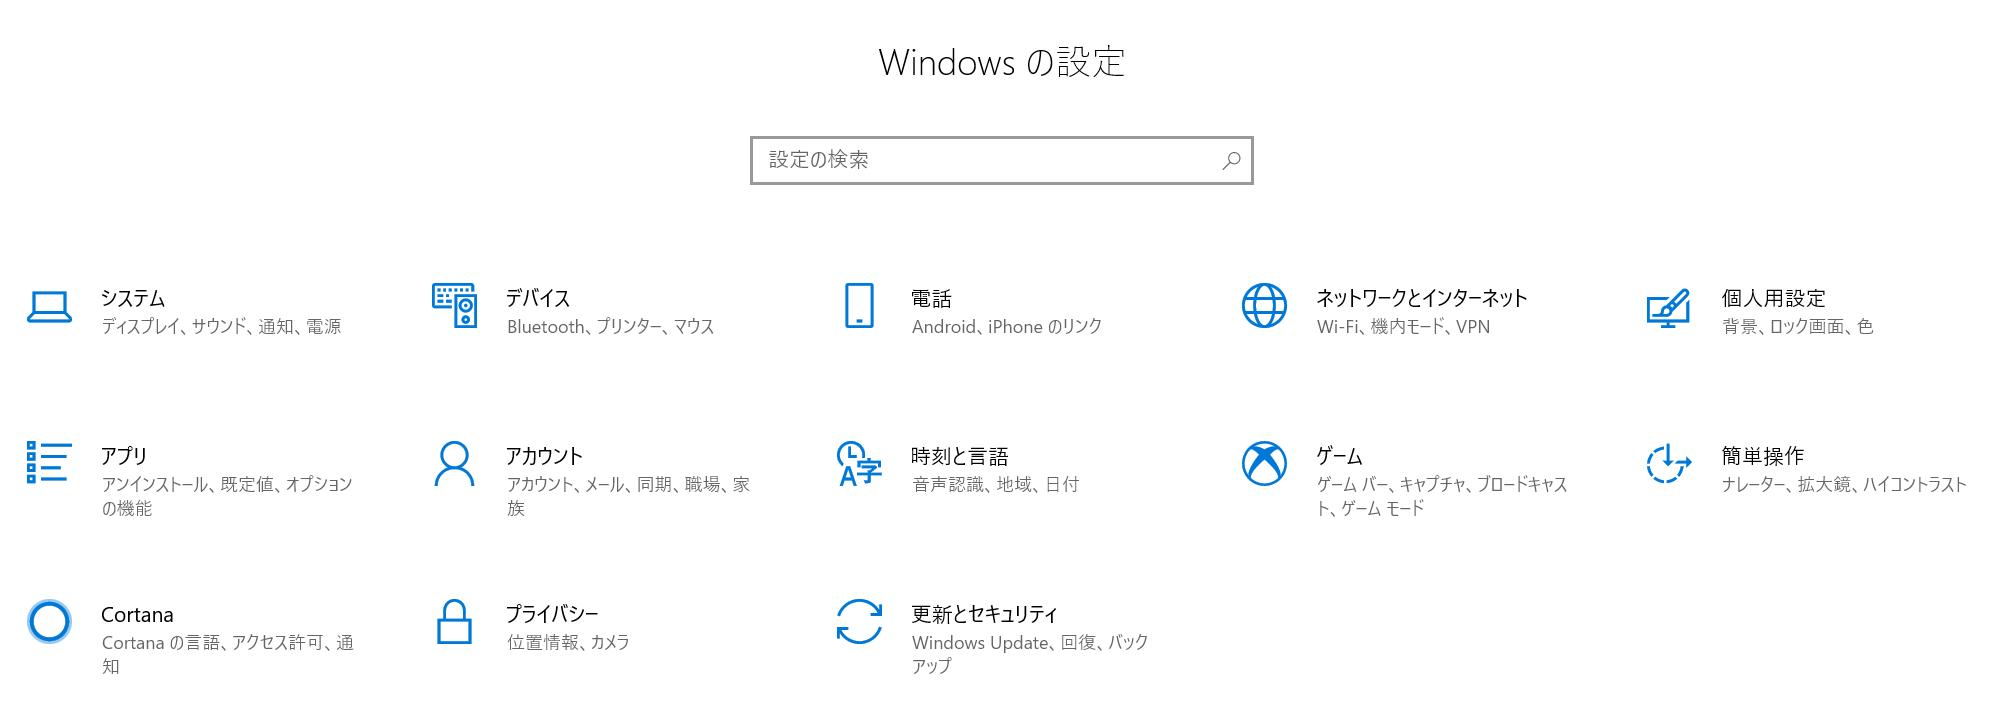 Windowsの設定にあるゲームをクリックします